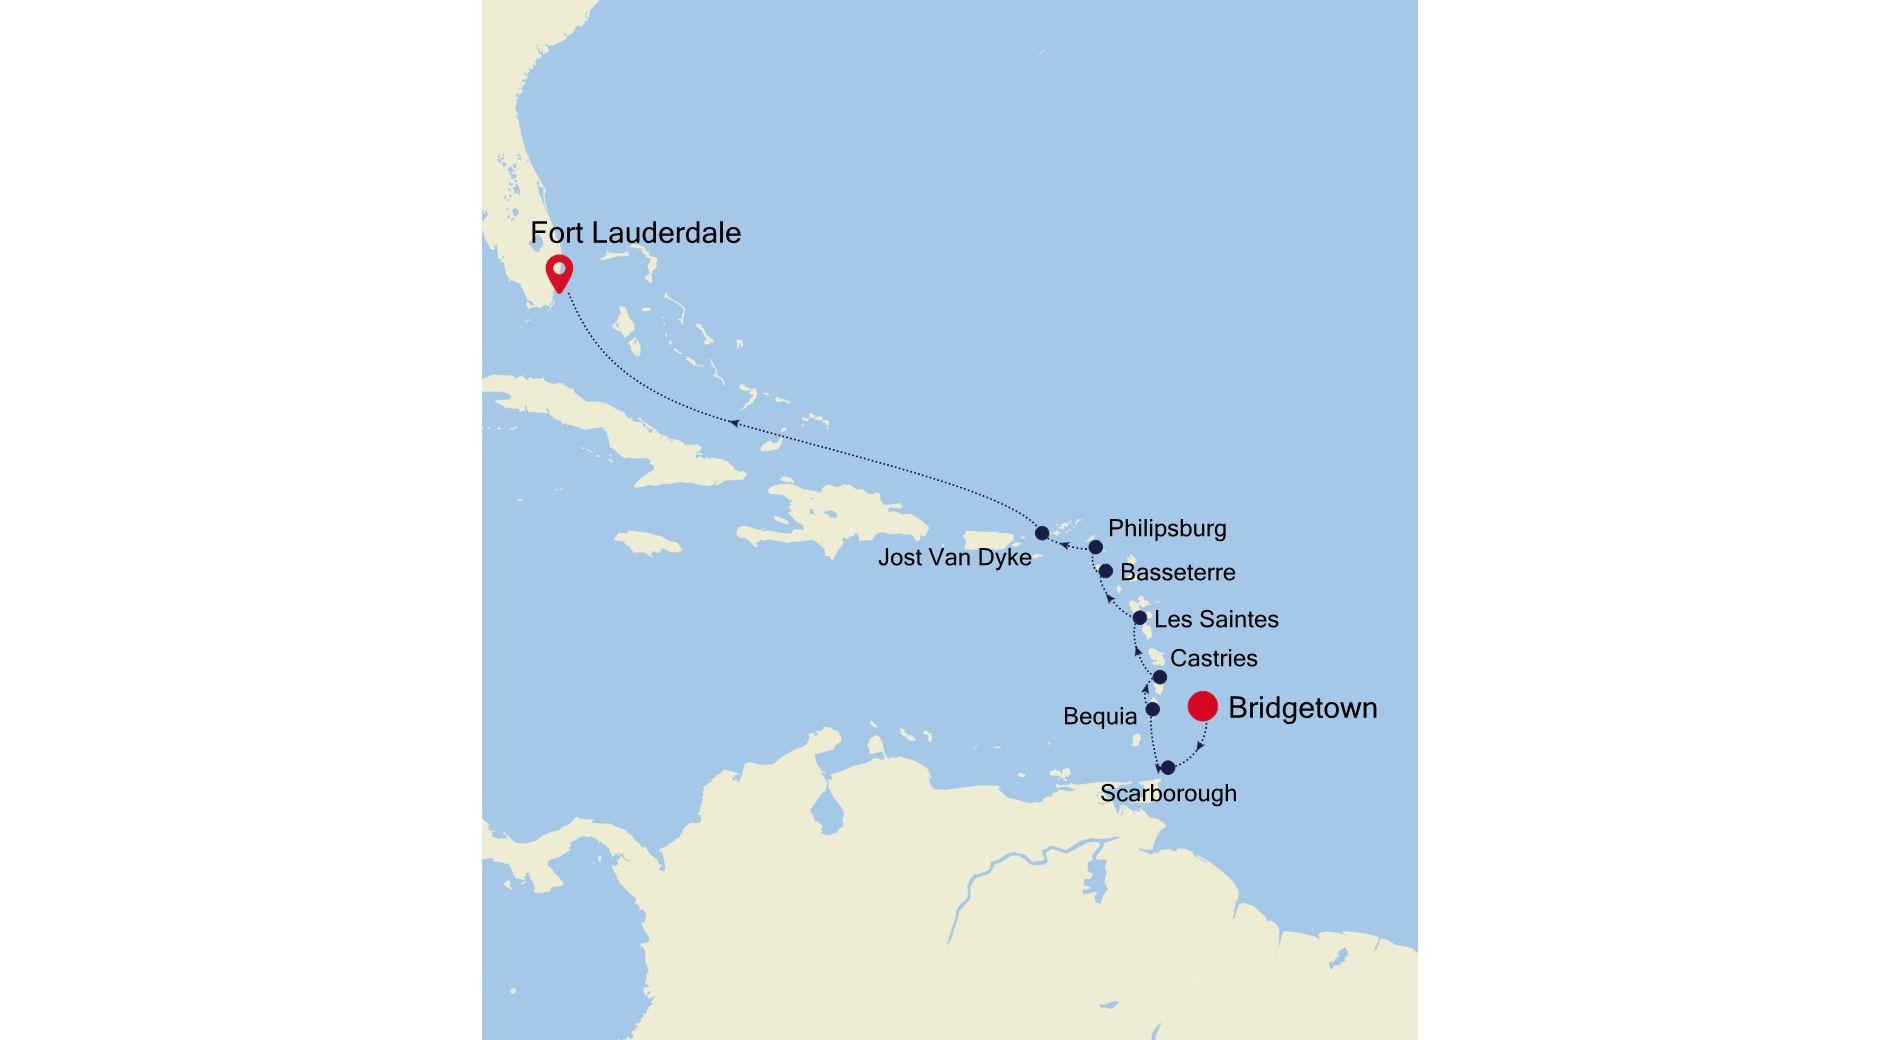 WH201129010 - Bridgetown à Fort Lauderdale